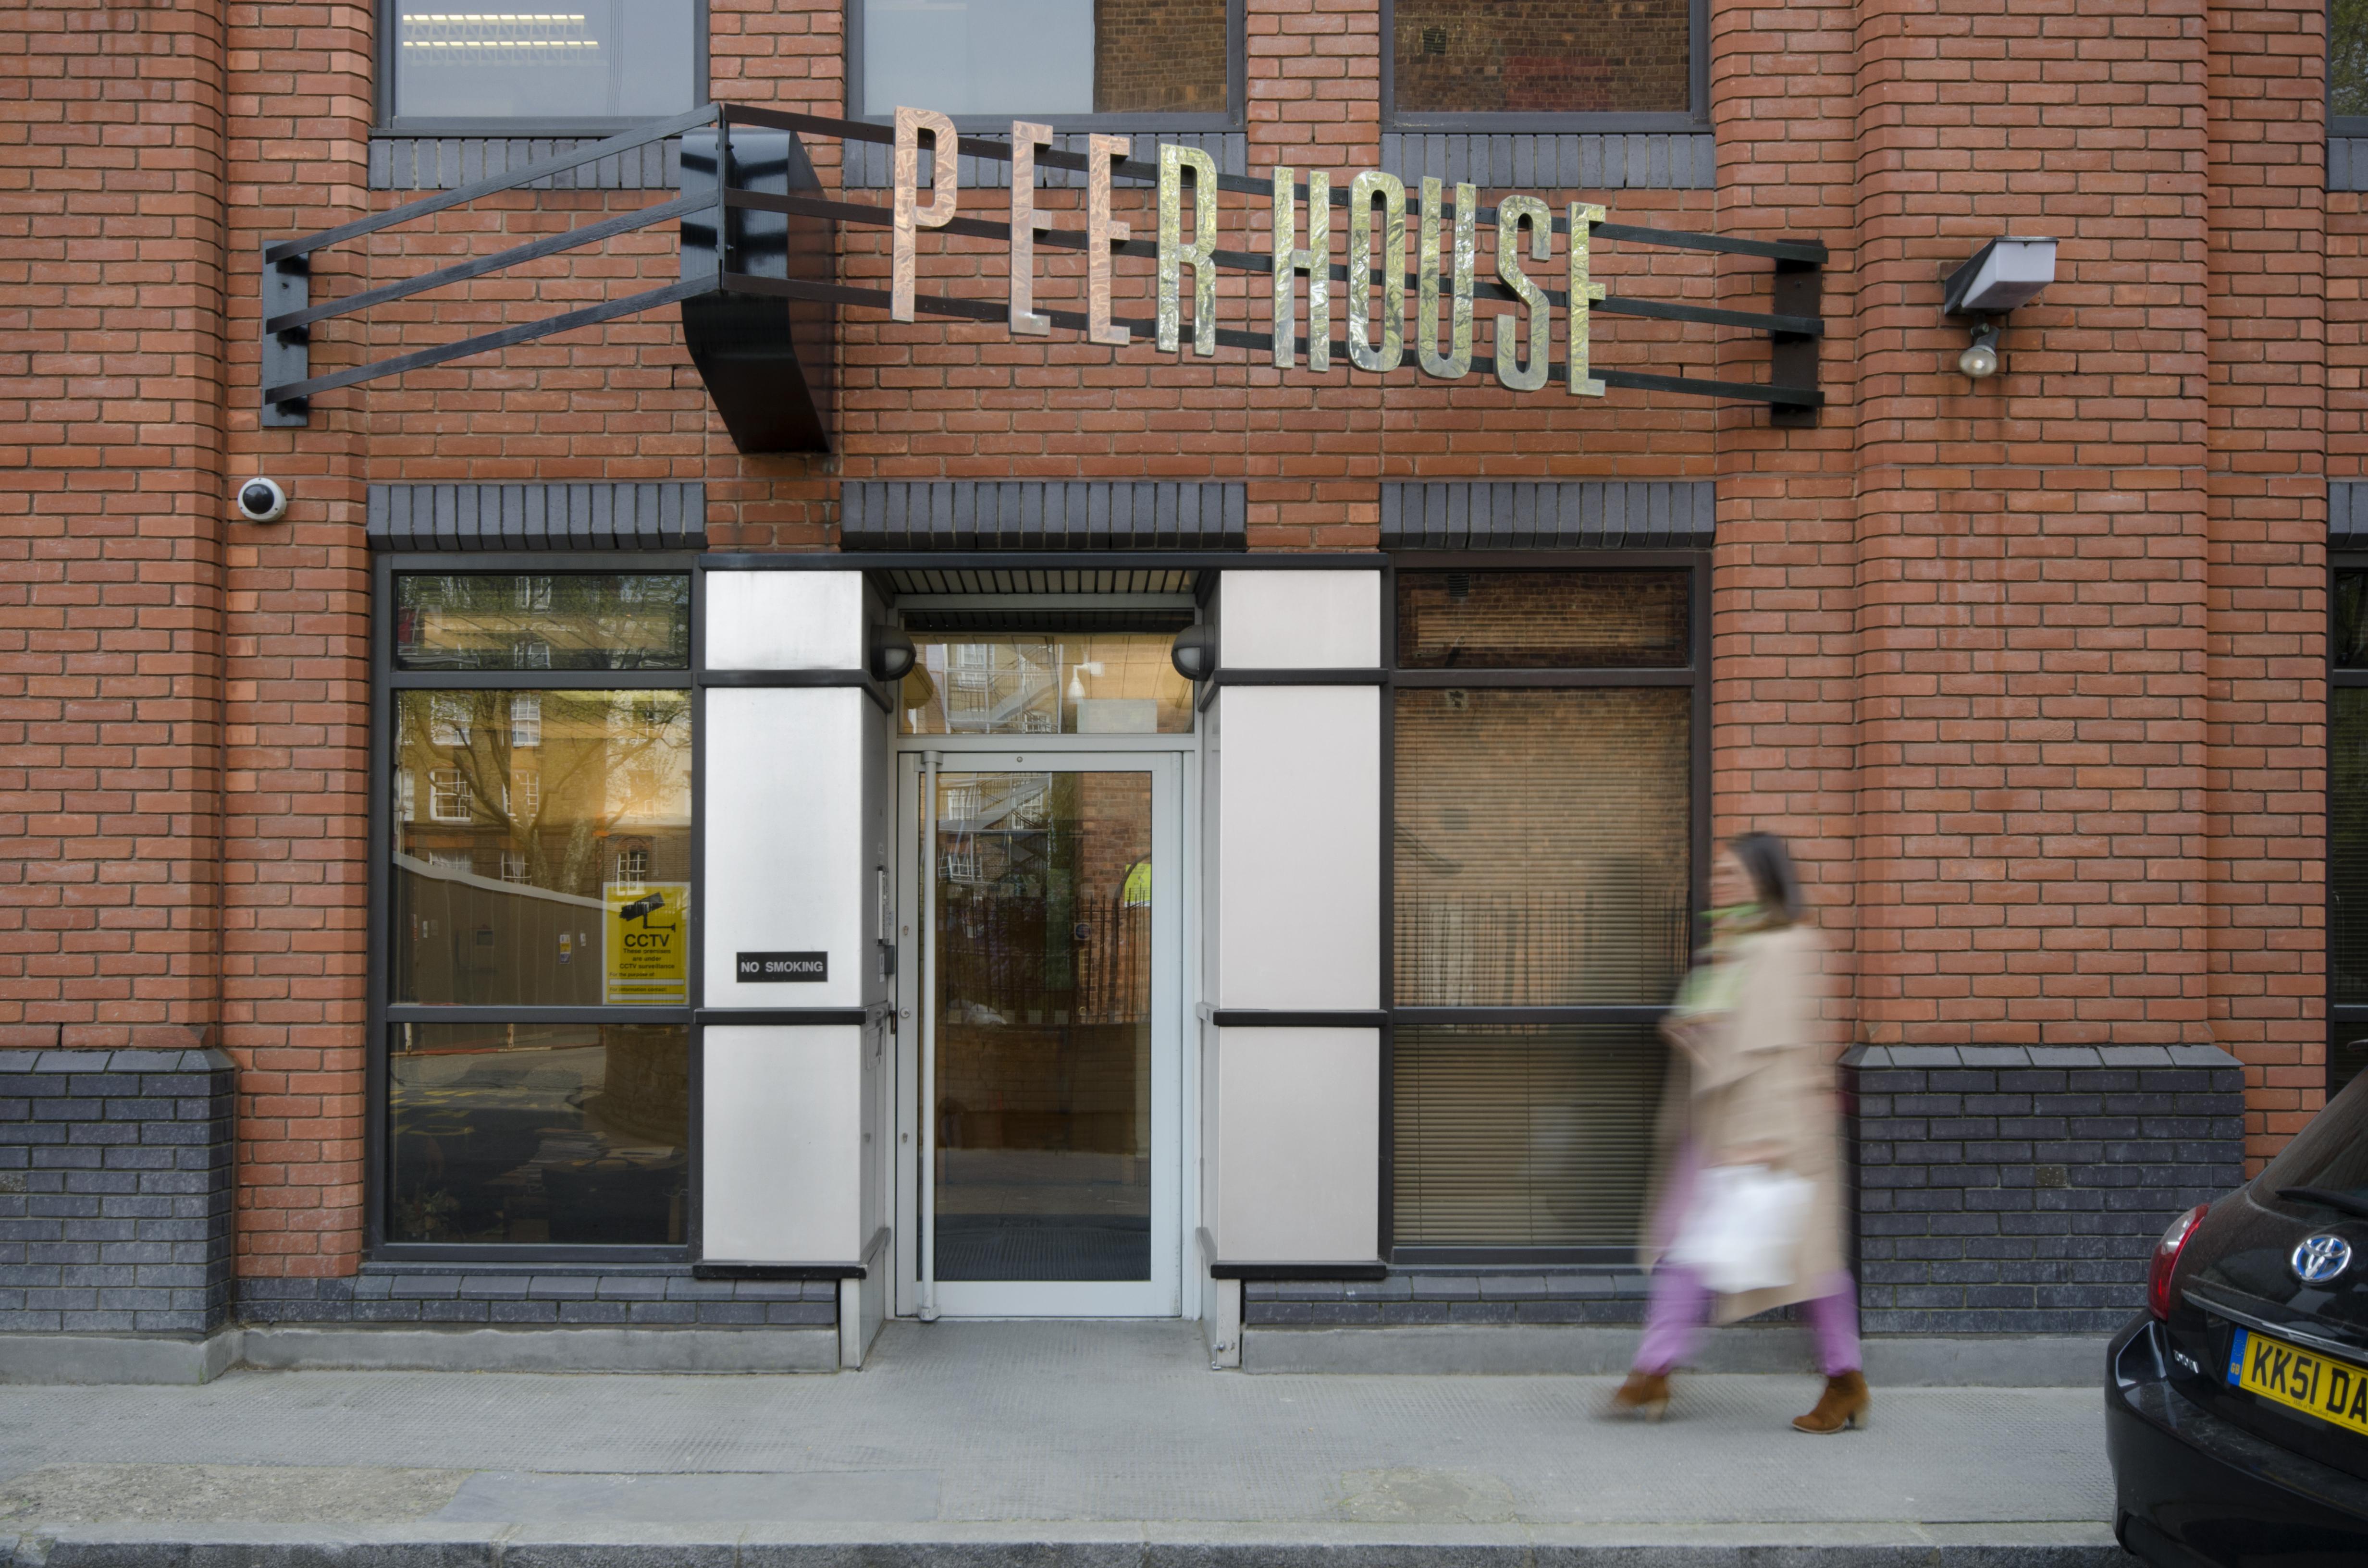 Peer House